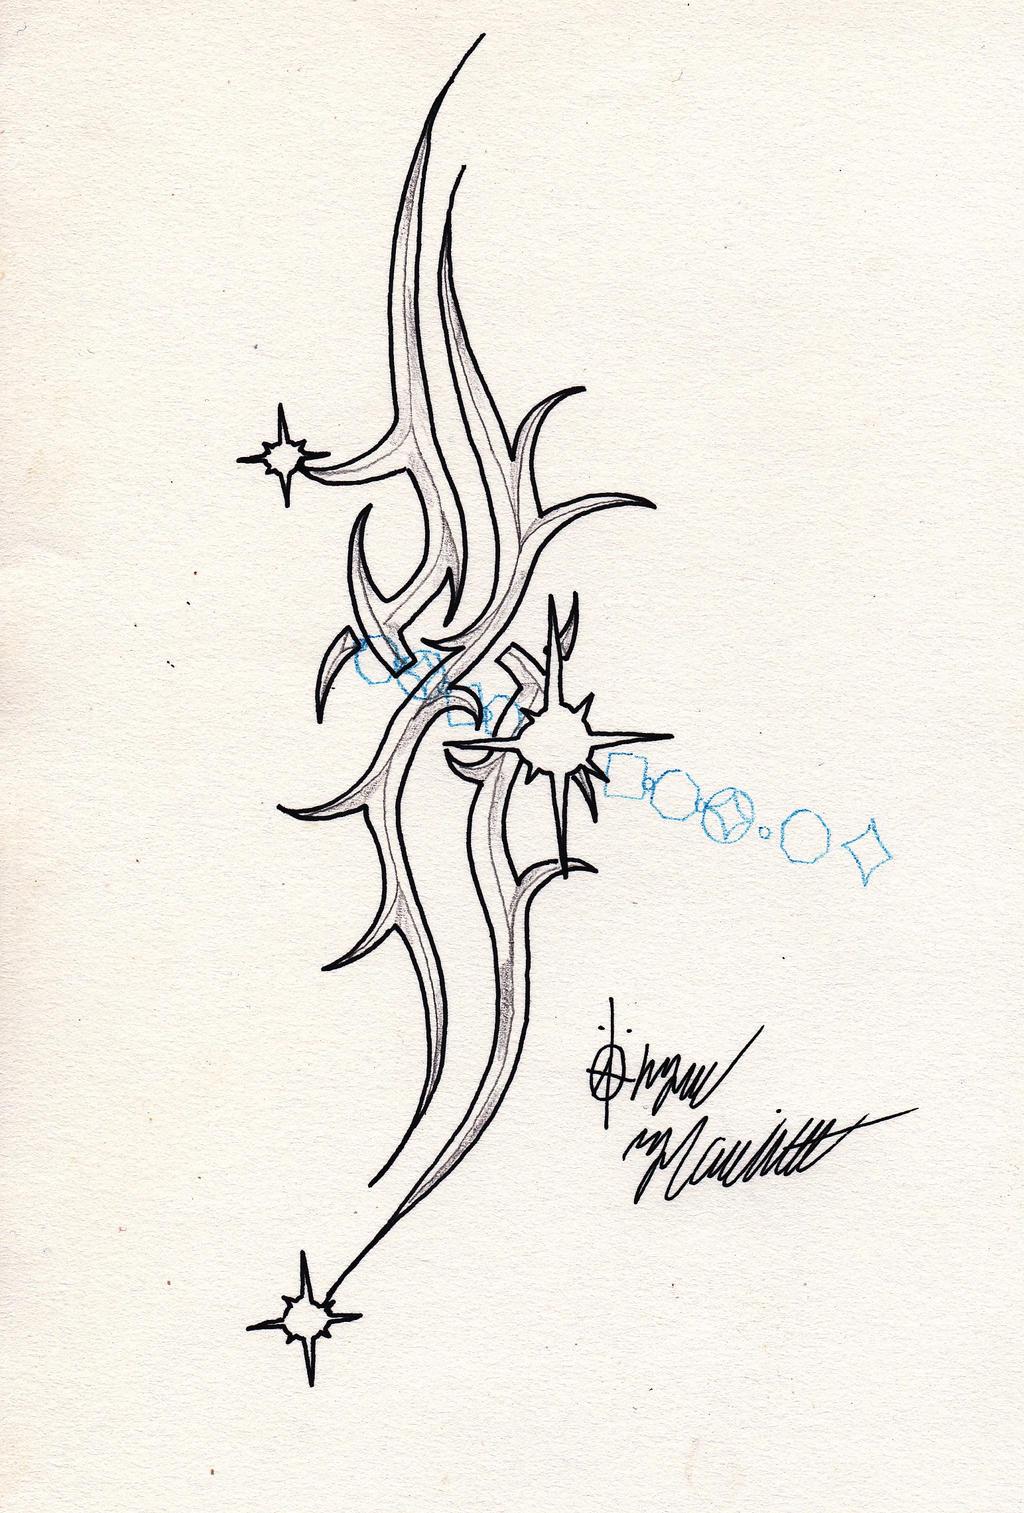 blade tribal tattoo design by soul armageddon on deviantart. Black Bedroom Furniture Sets. Home Design Ideas